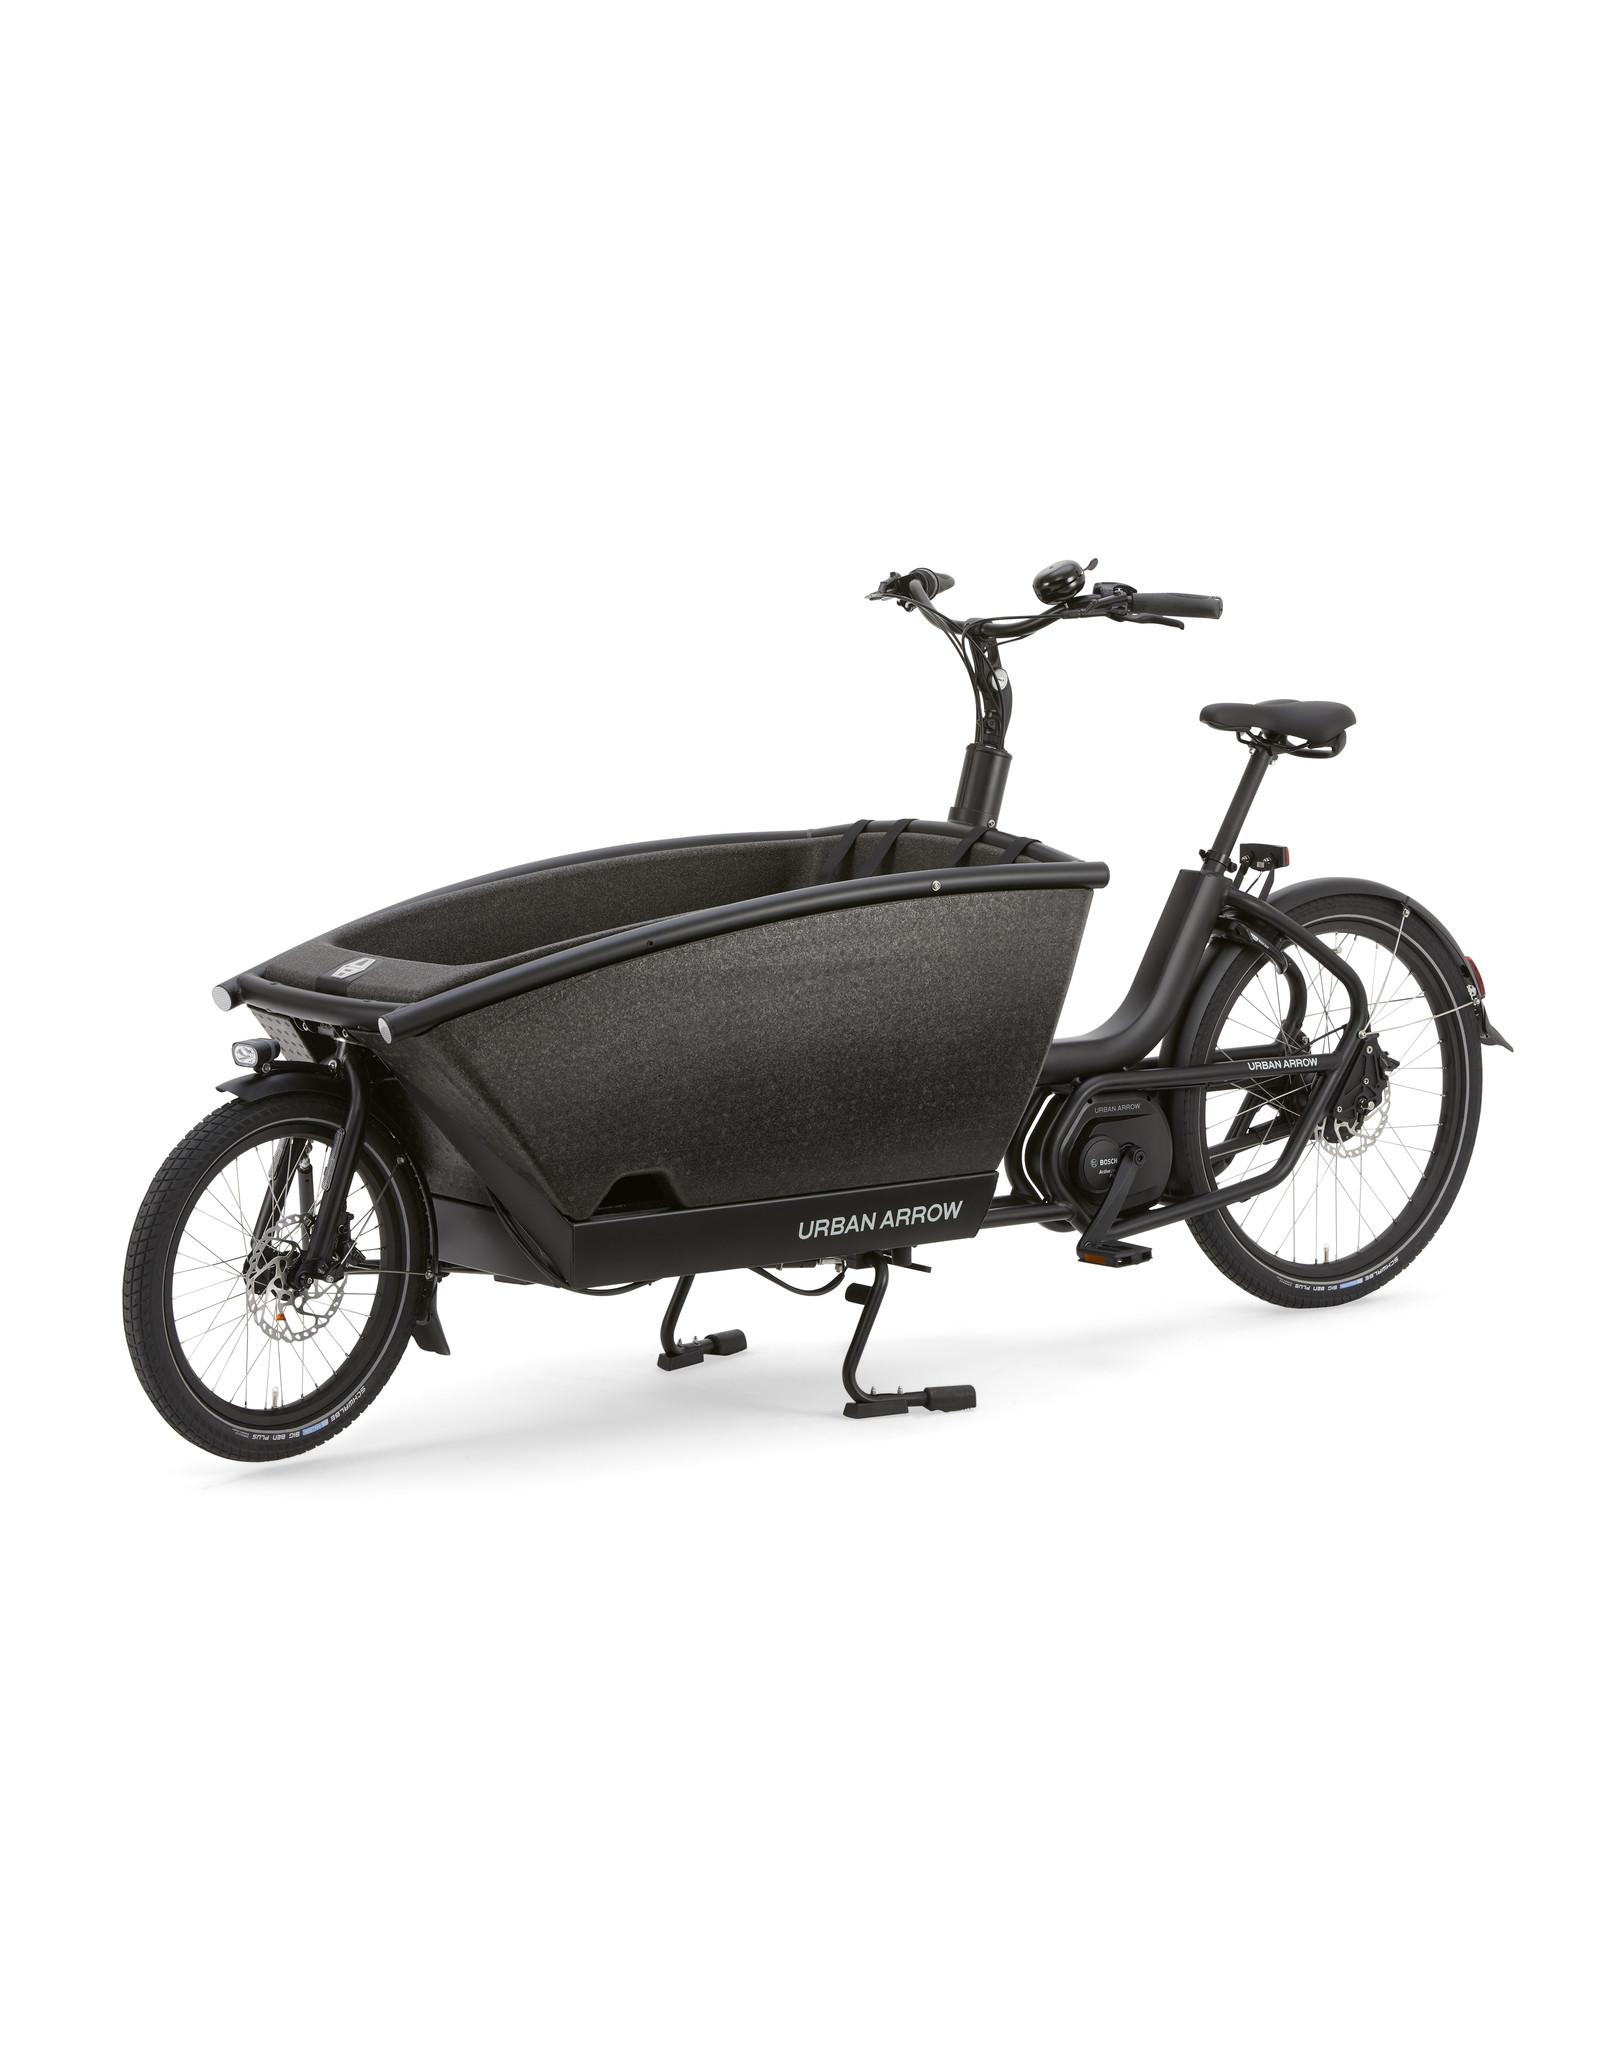 Urban Arrow Urban Arrow FAMILY- Bosch performance line black electric cargo bike